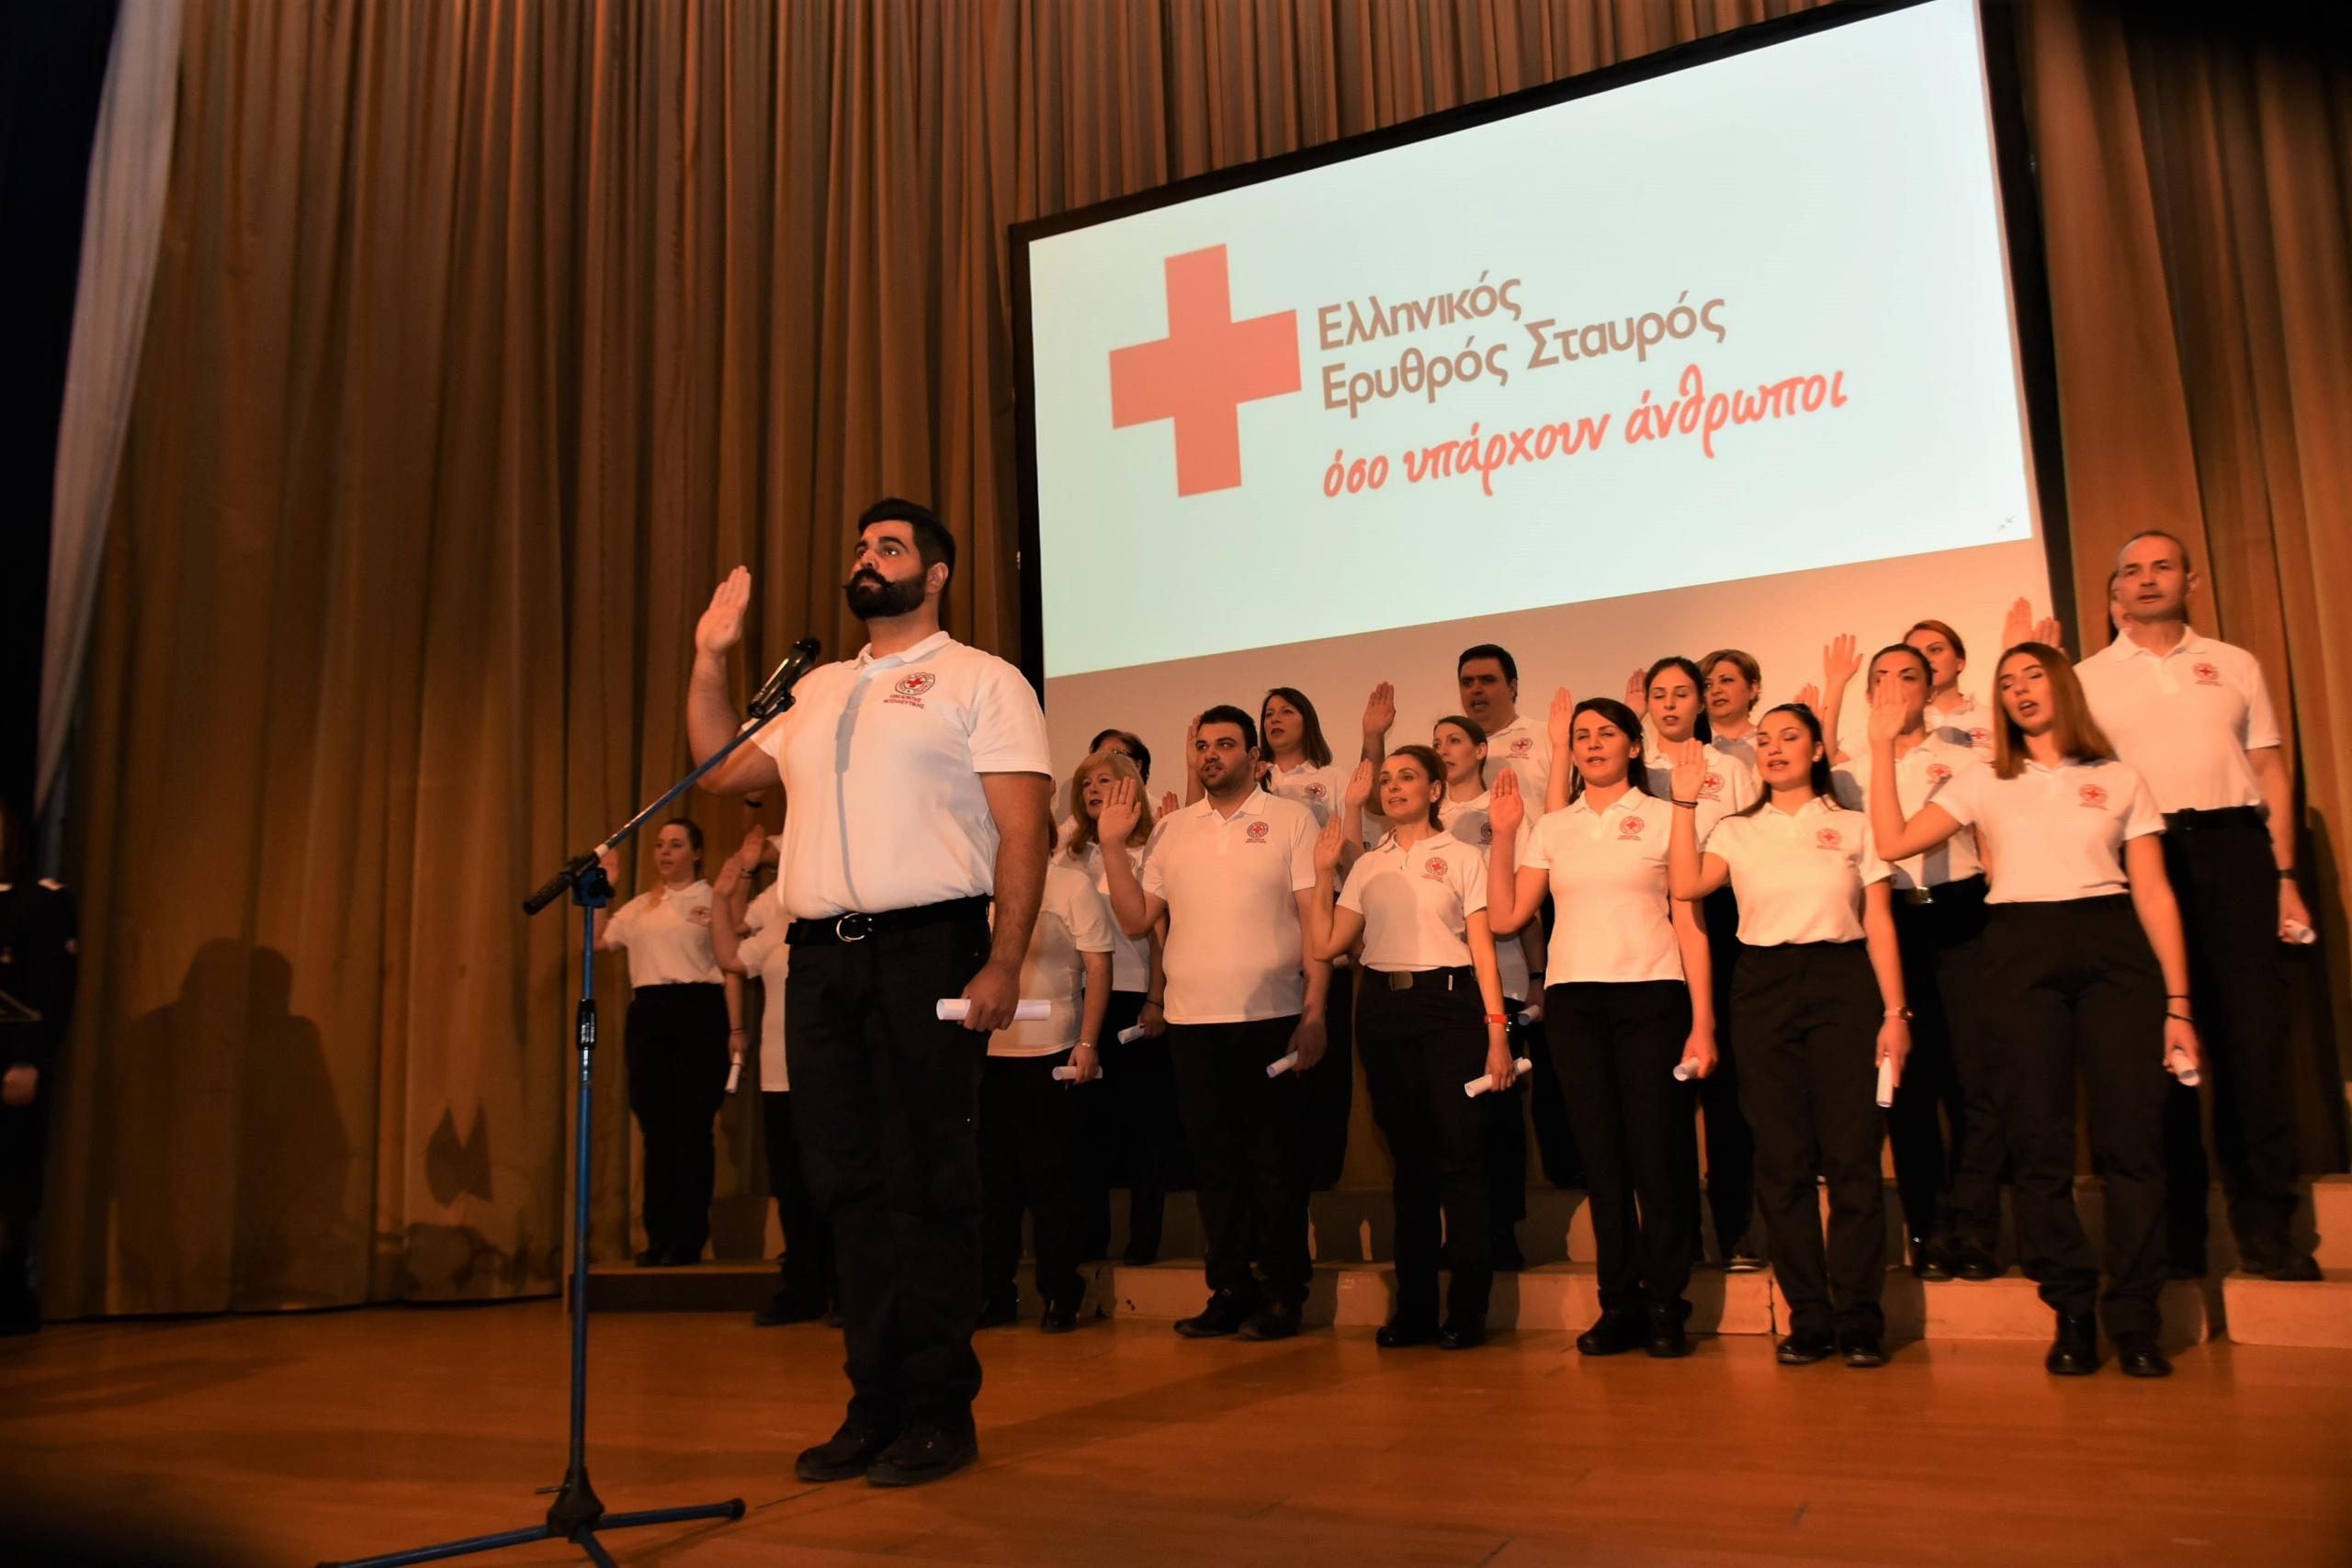 Τιμή στους εθελοντές νοσηλευτικής του Ερυθρού Σταυρού